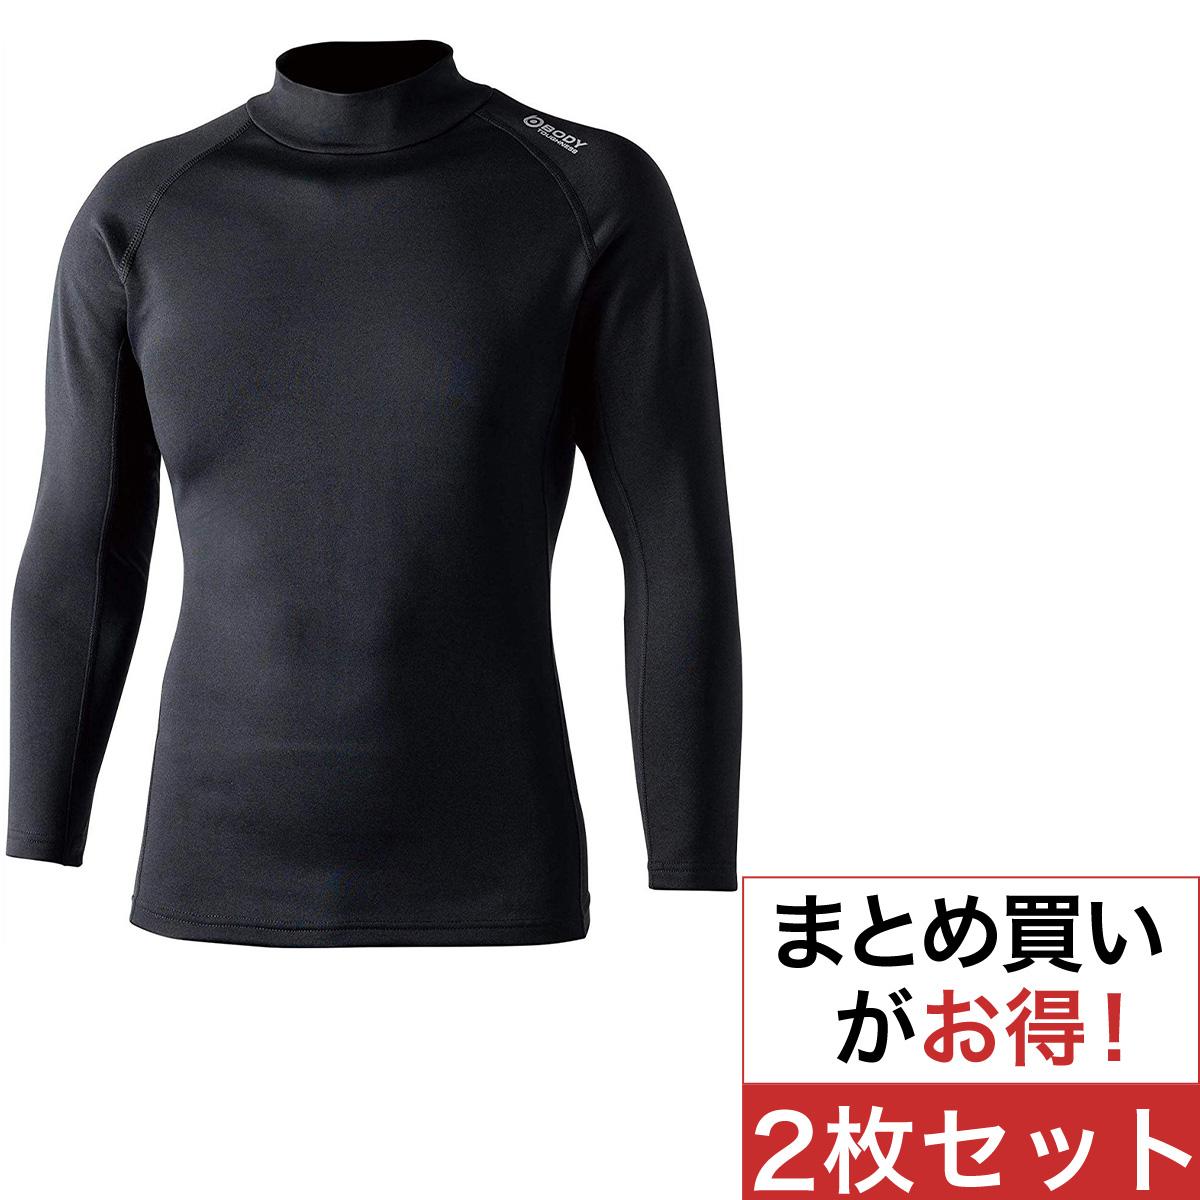 ストレッチ ヒートブーストヘビーウェイト長袖ハイネックインナーシャツ2枚セット